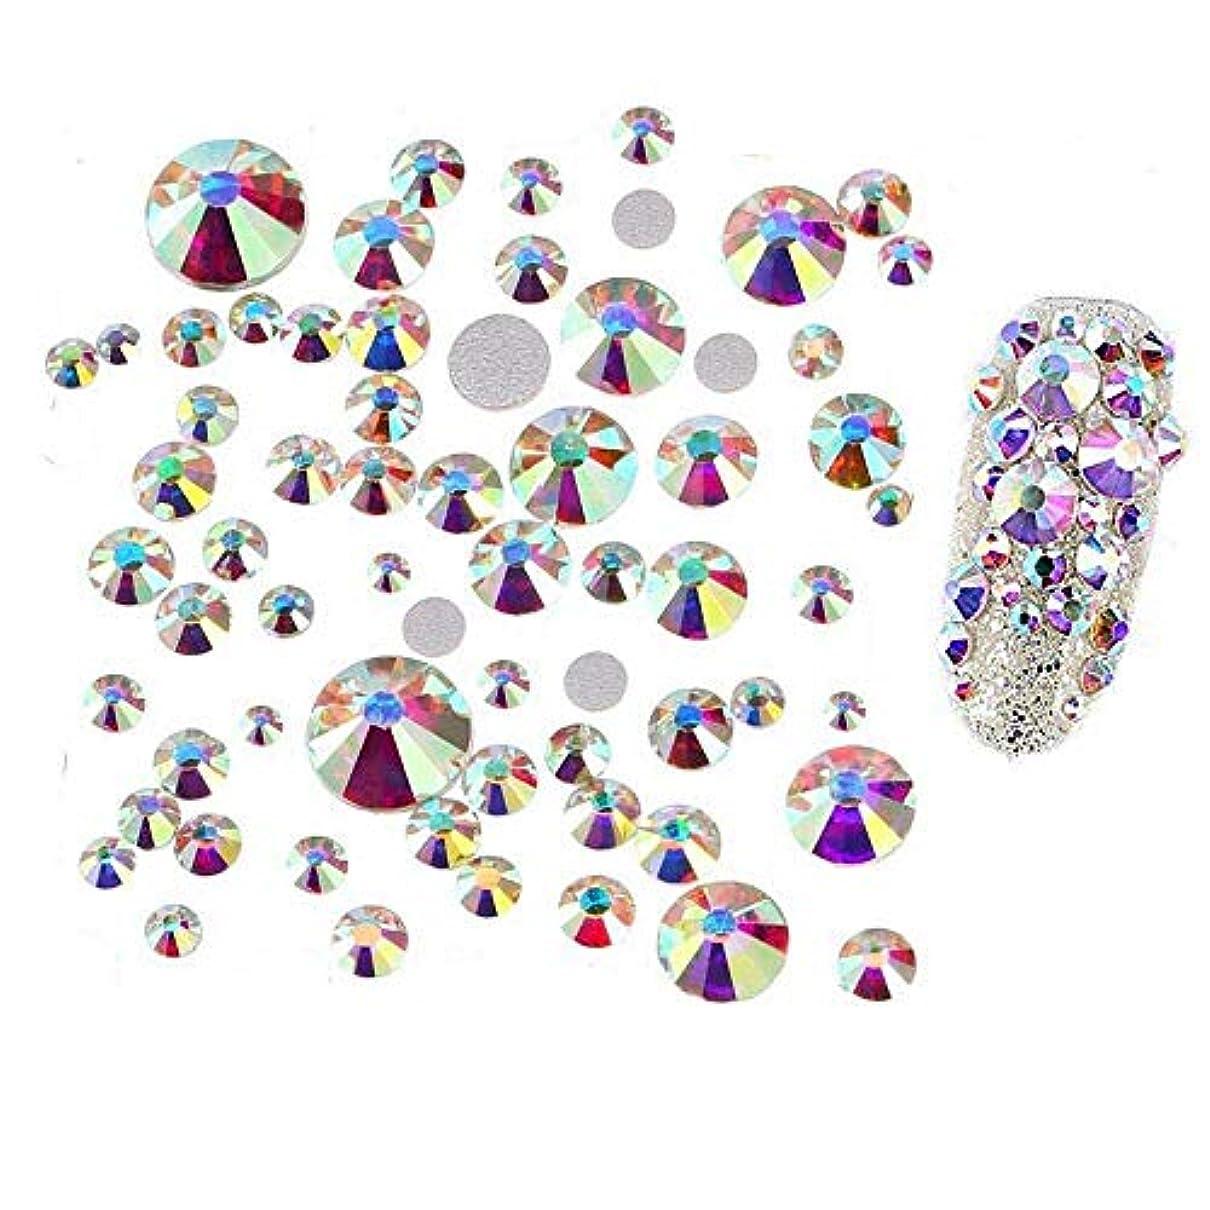 フィールド降臨王女高品質 ガラスストーン オーロラ クリスタル,ラインストーン ネイル デコ ガラスストーン クリスタル ジェルネイル ネイルパーツ (約200粒)